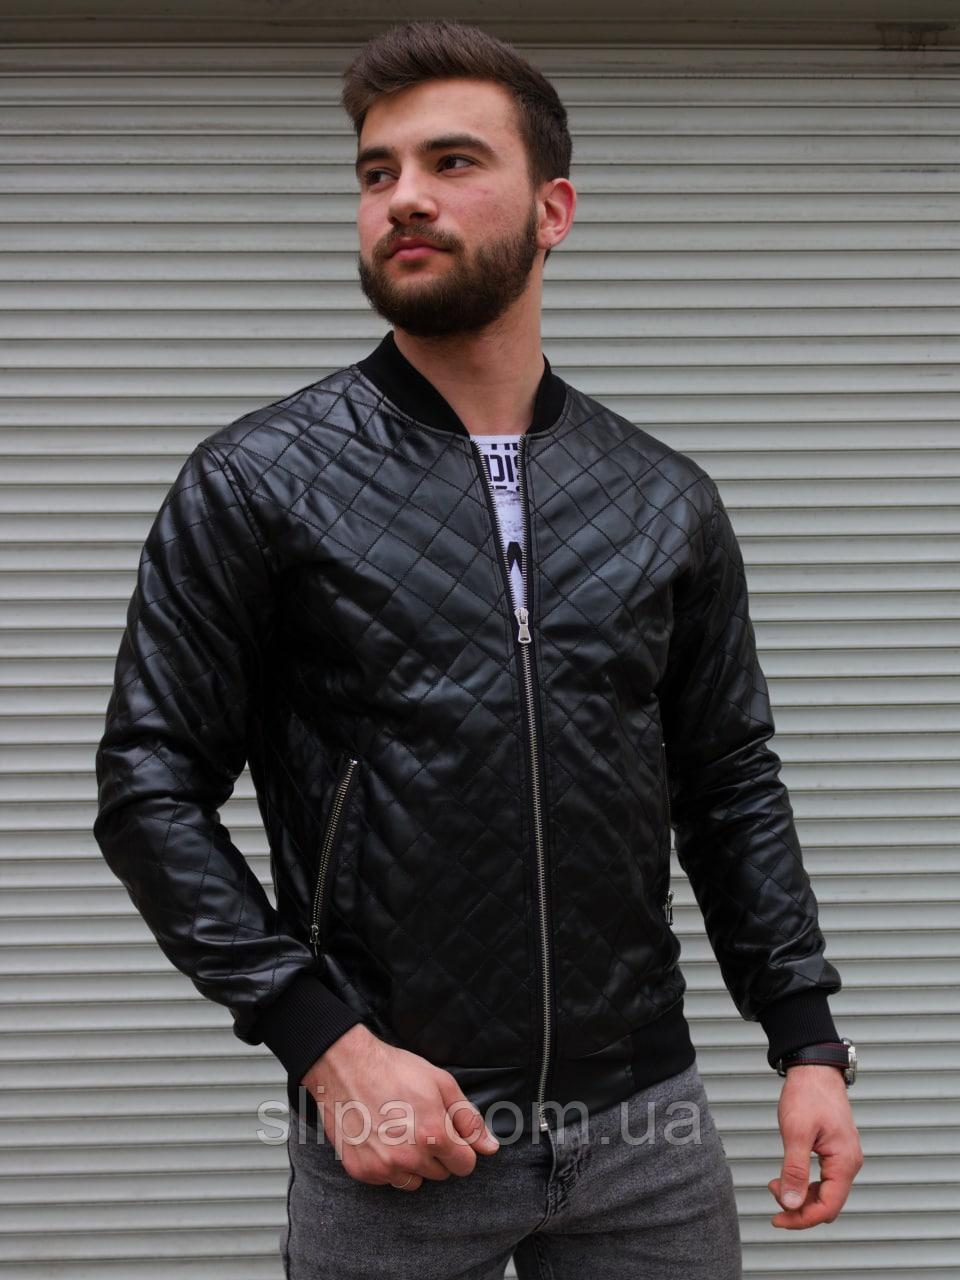 Чоловіча куртка-бомбер в Ромбик з шкір заступника чорна